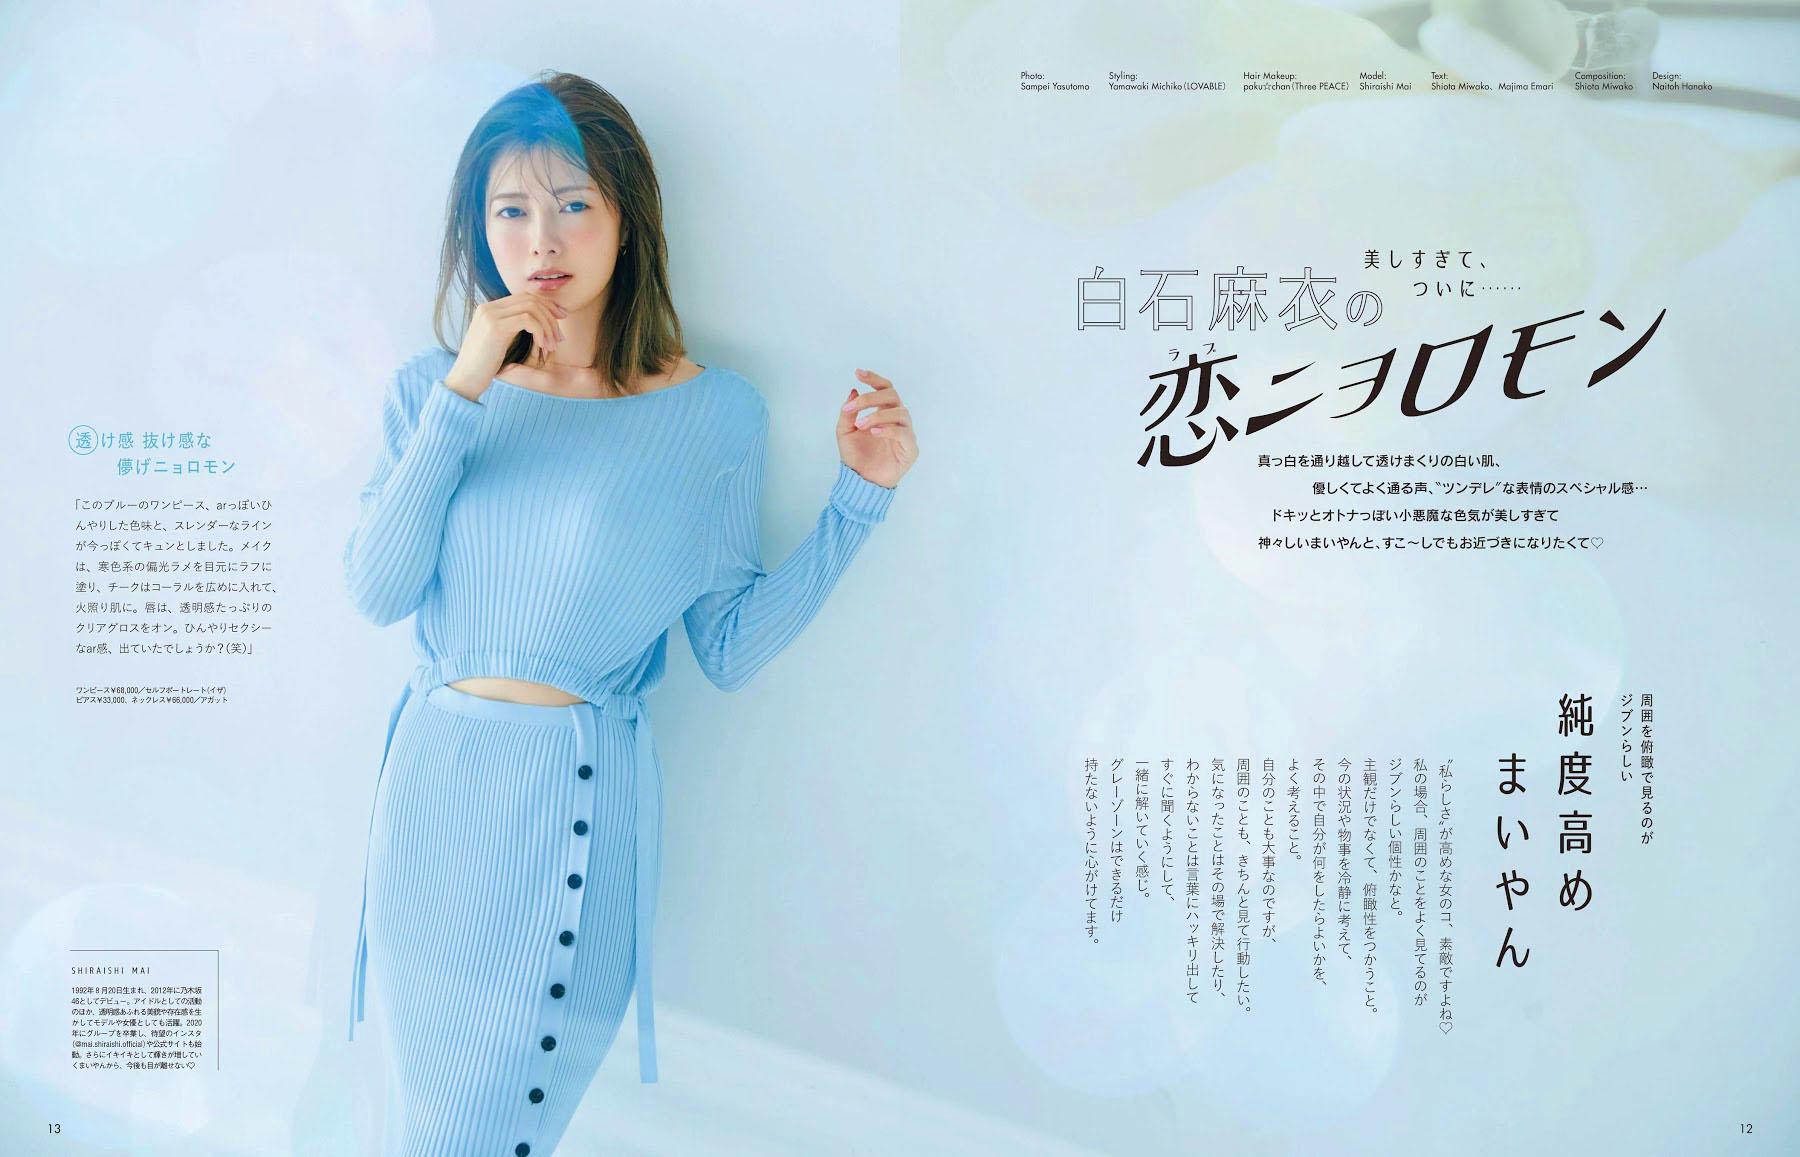 MShiraishi AR 2103 02.jpg